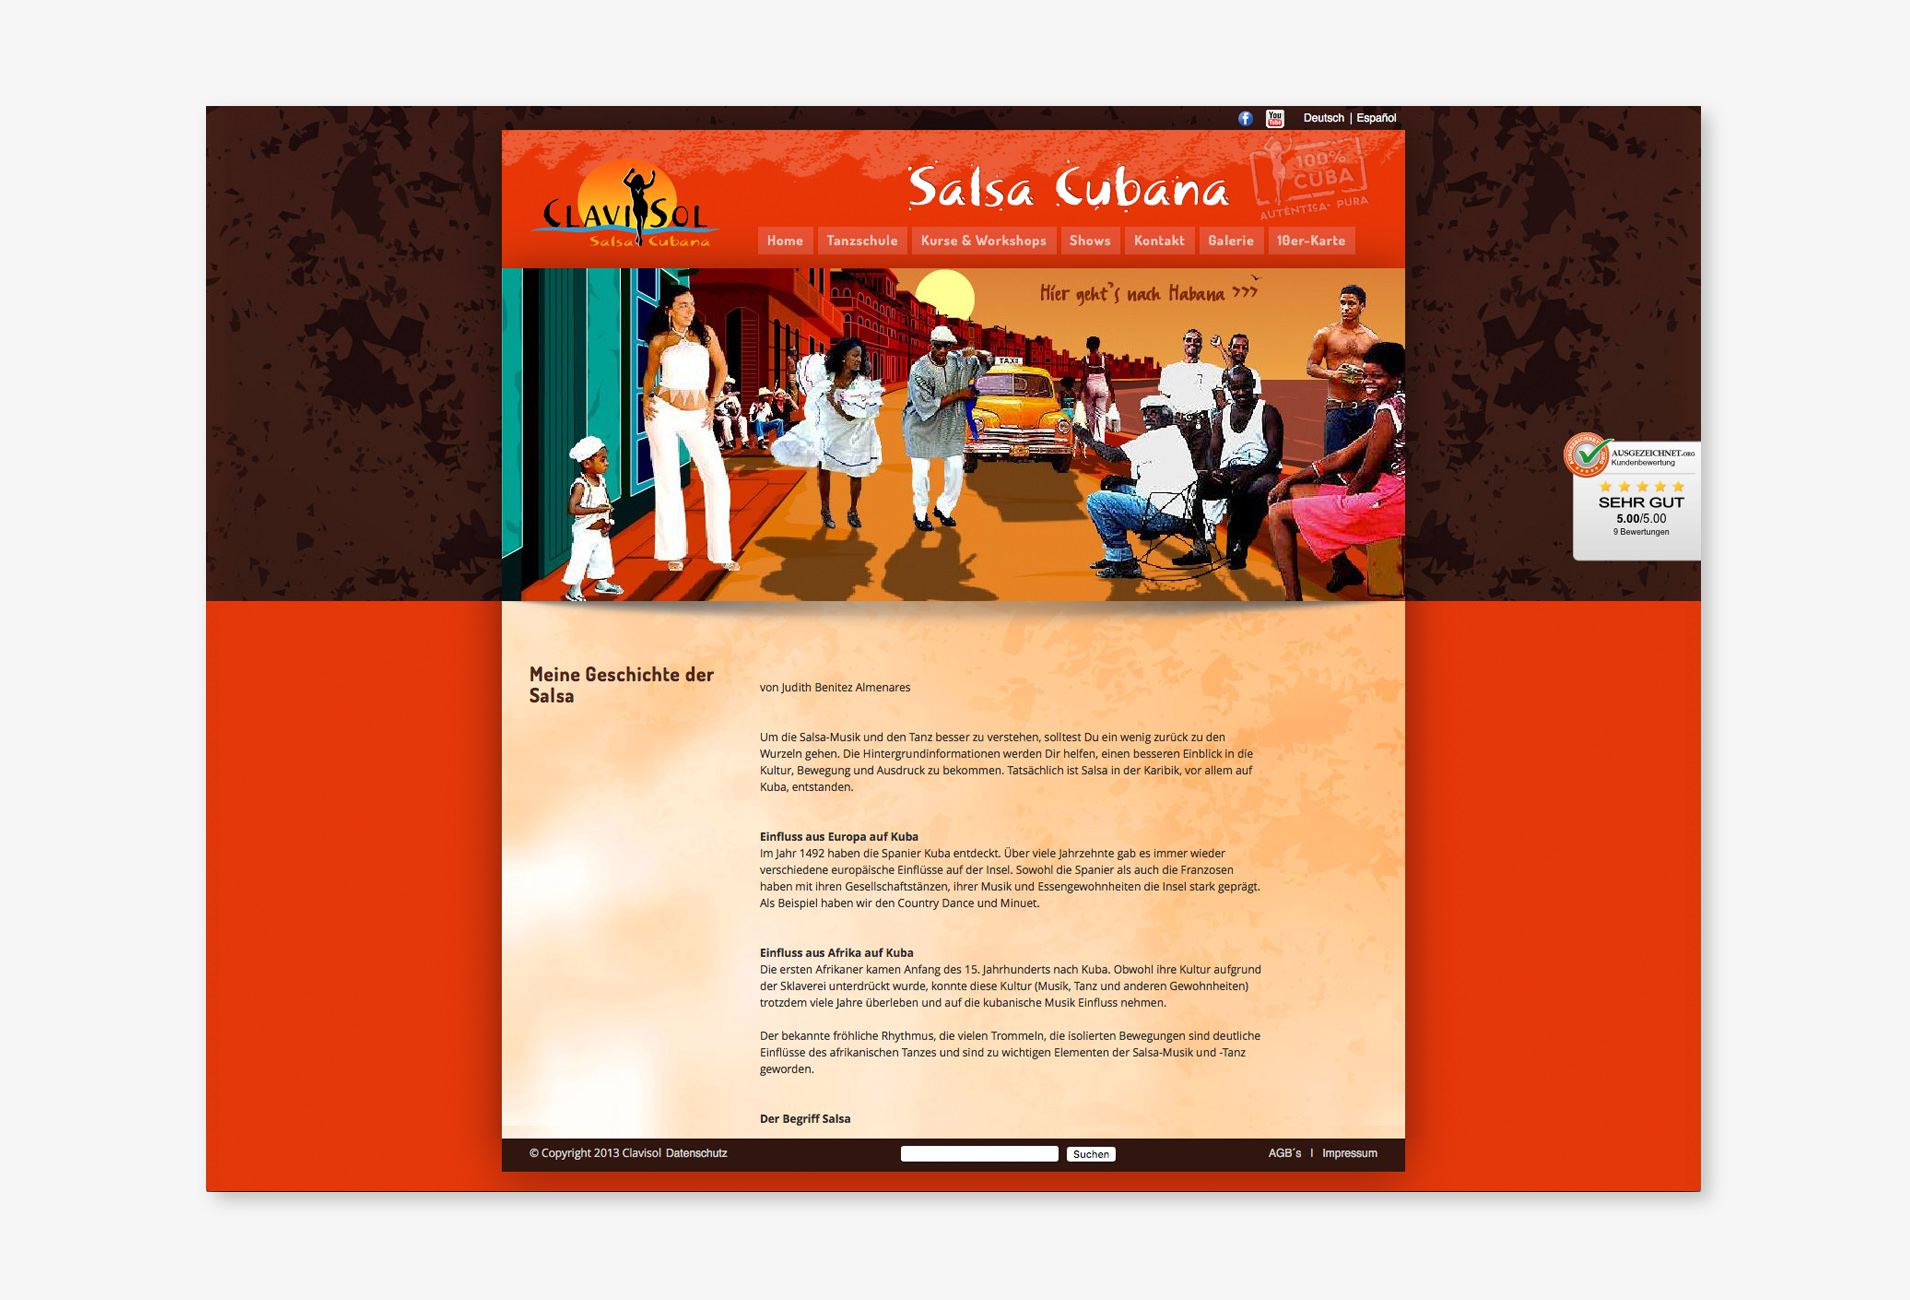 clavisol-website2